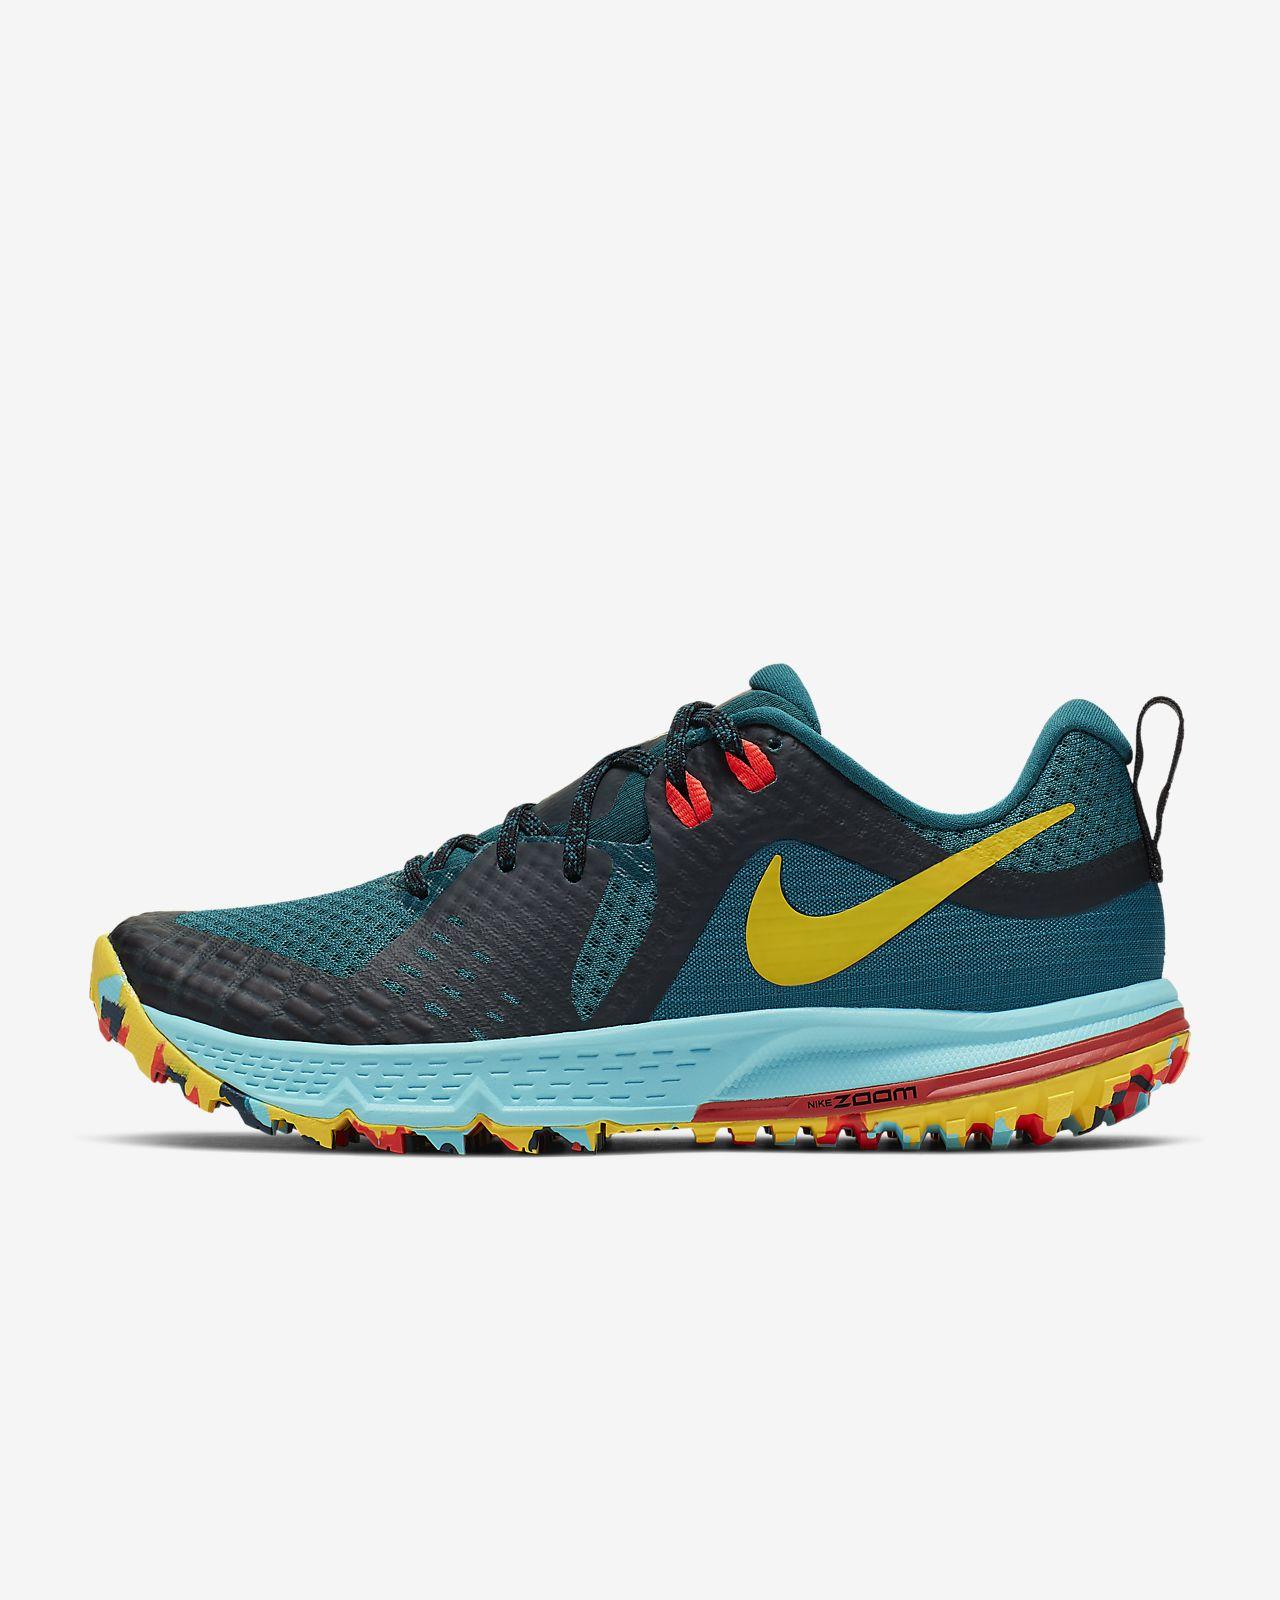 Dámská běžecká bota Nike Air Zoom Wildhorse 5